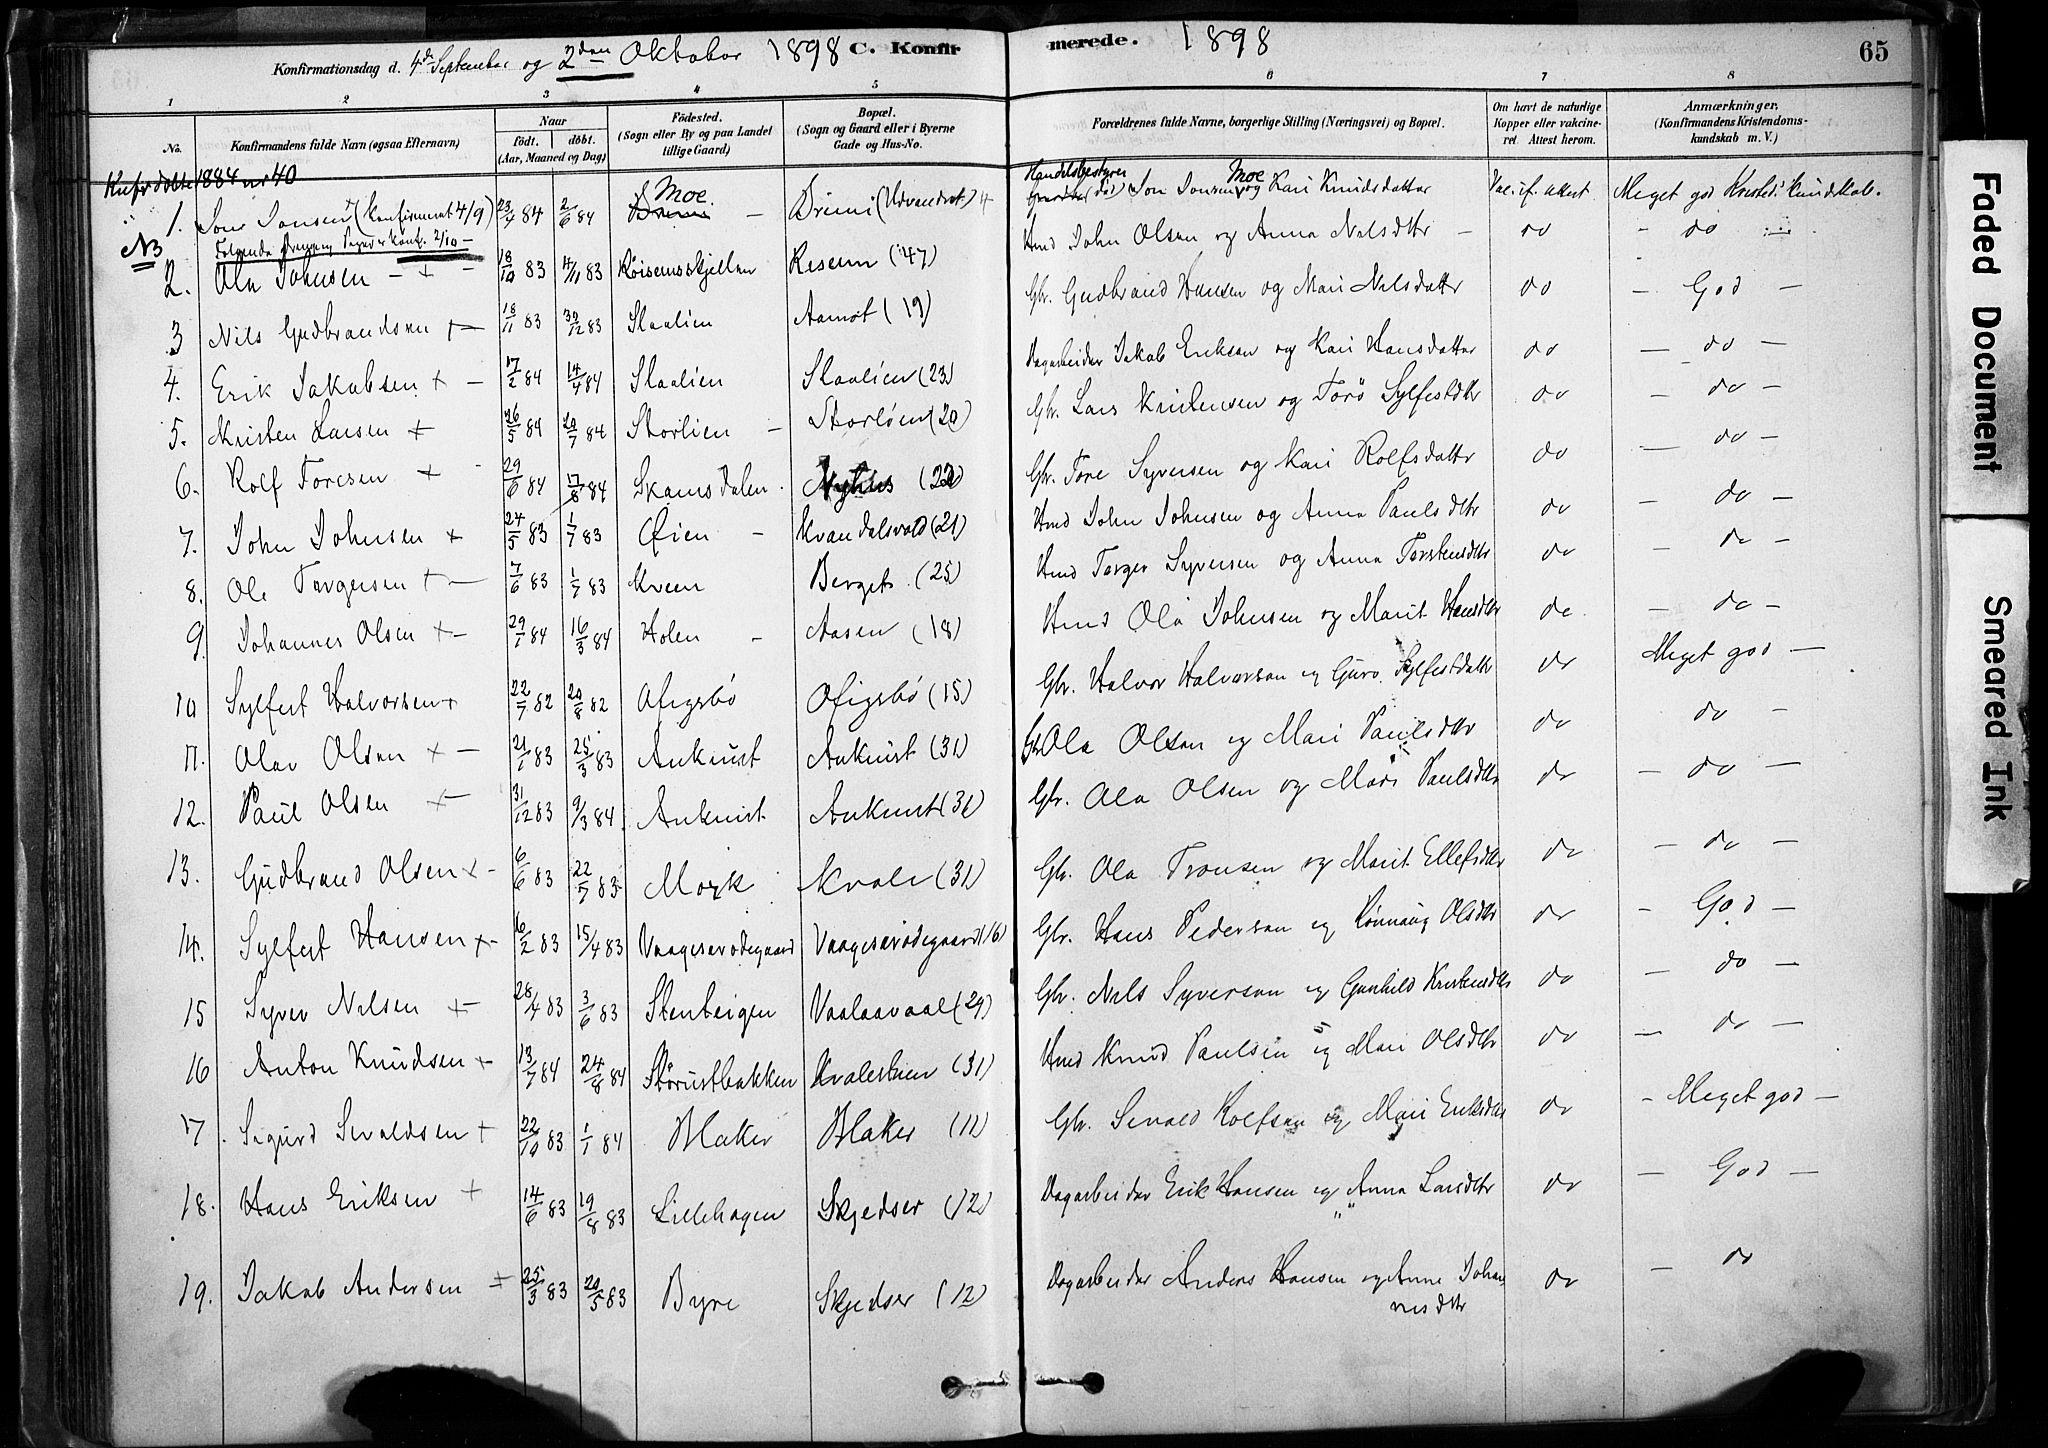 SAH, Lom prestekontor, K/L0009: Ministerialbok nr. 9, 1878-1907, s. 65